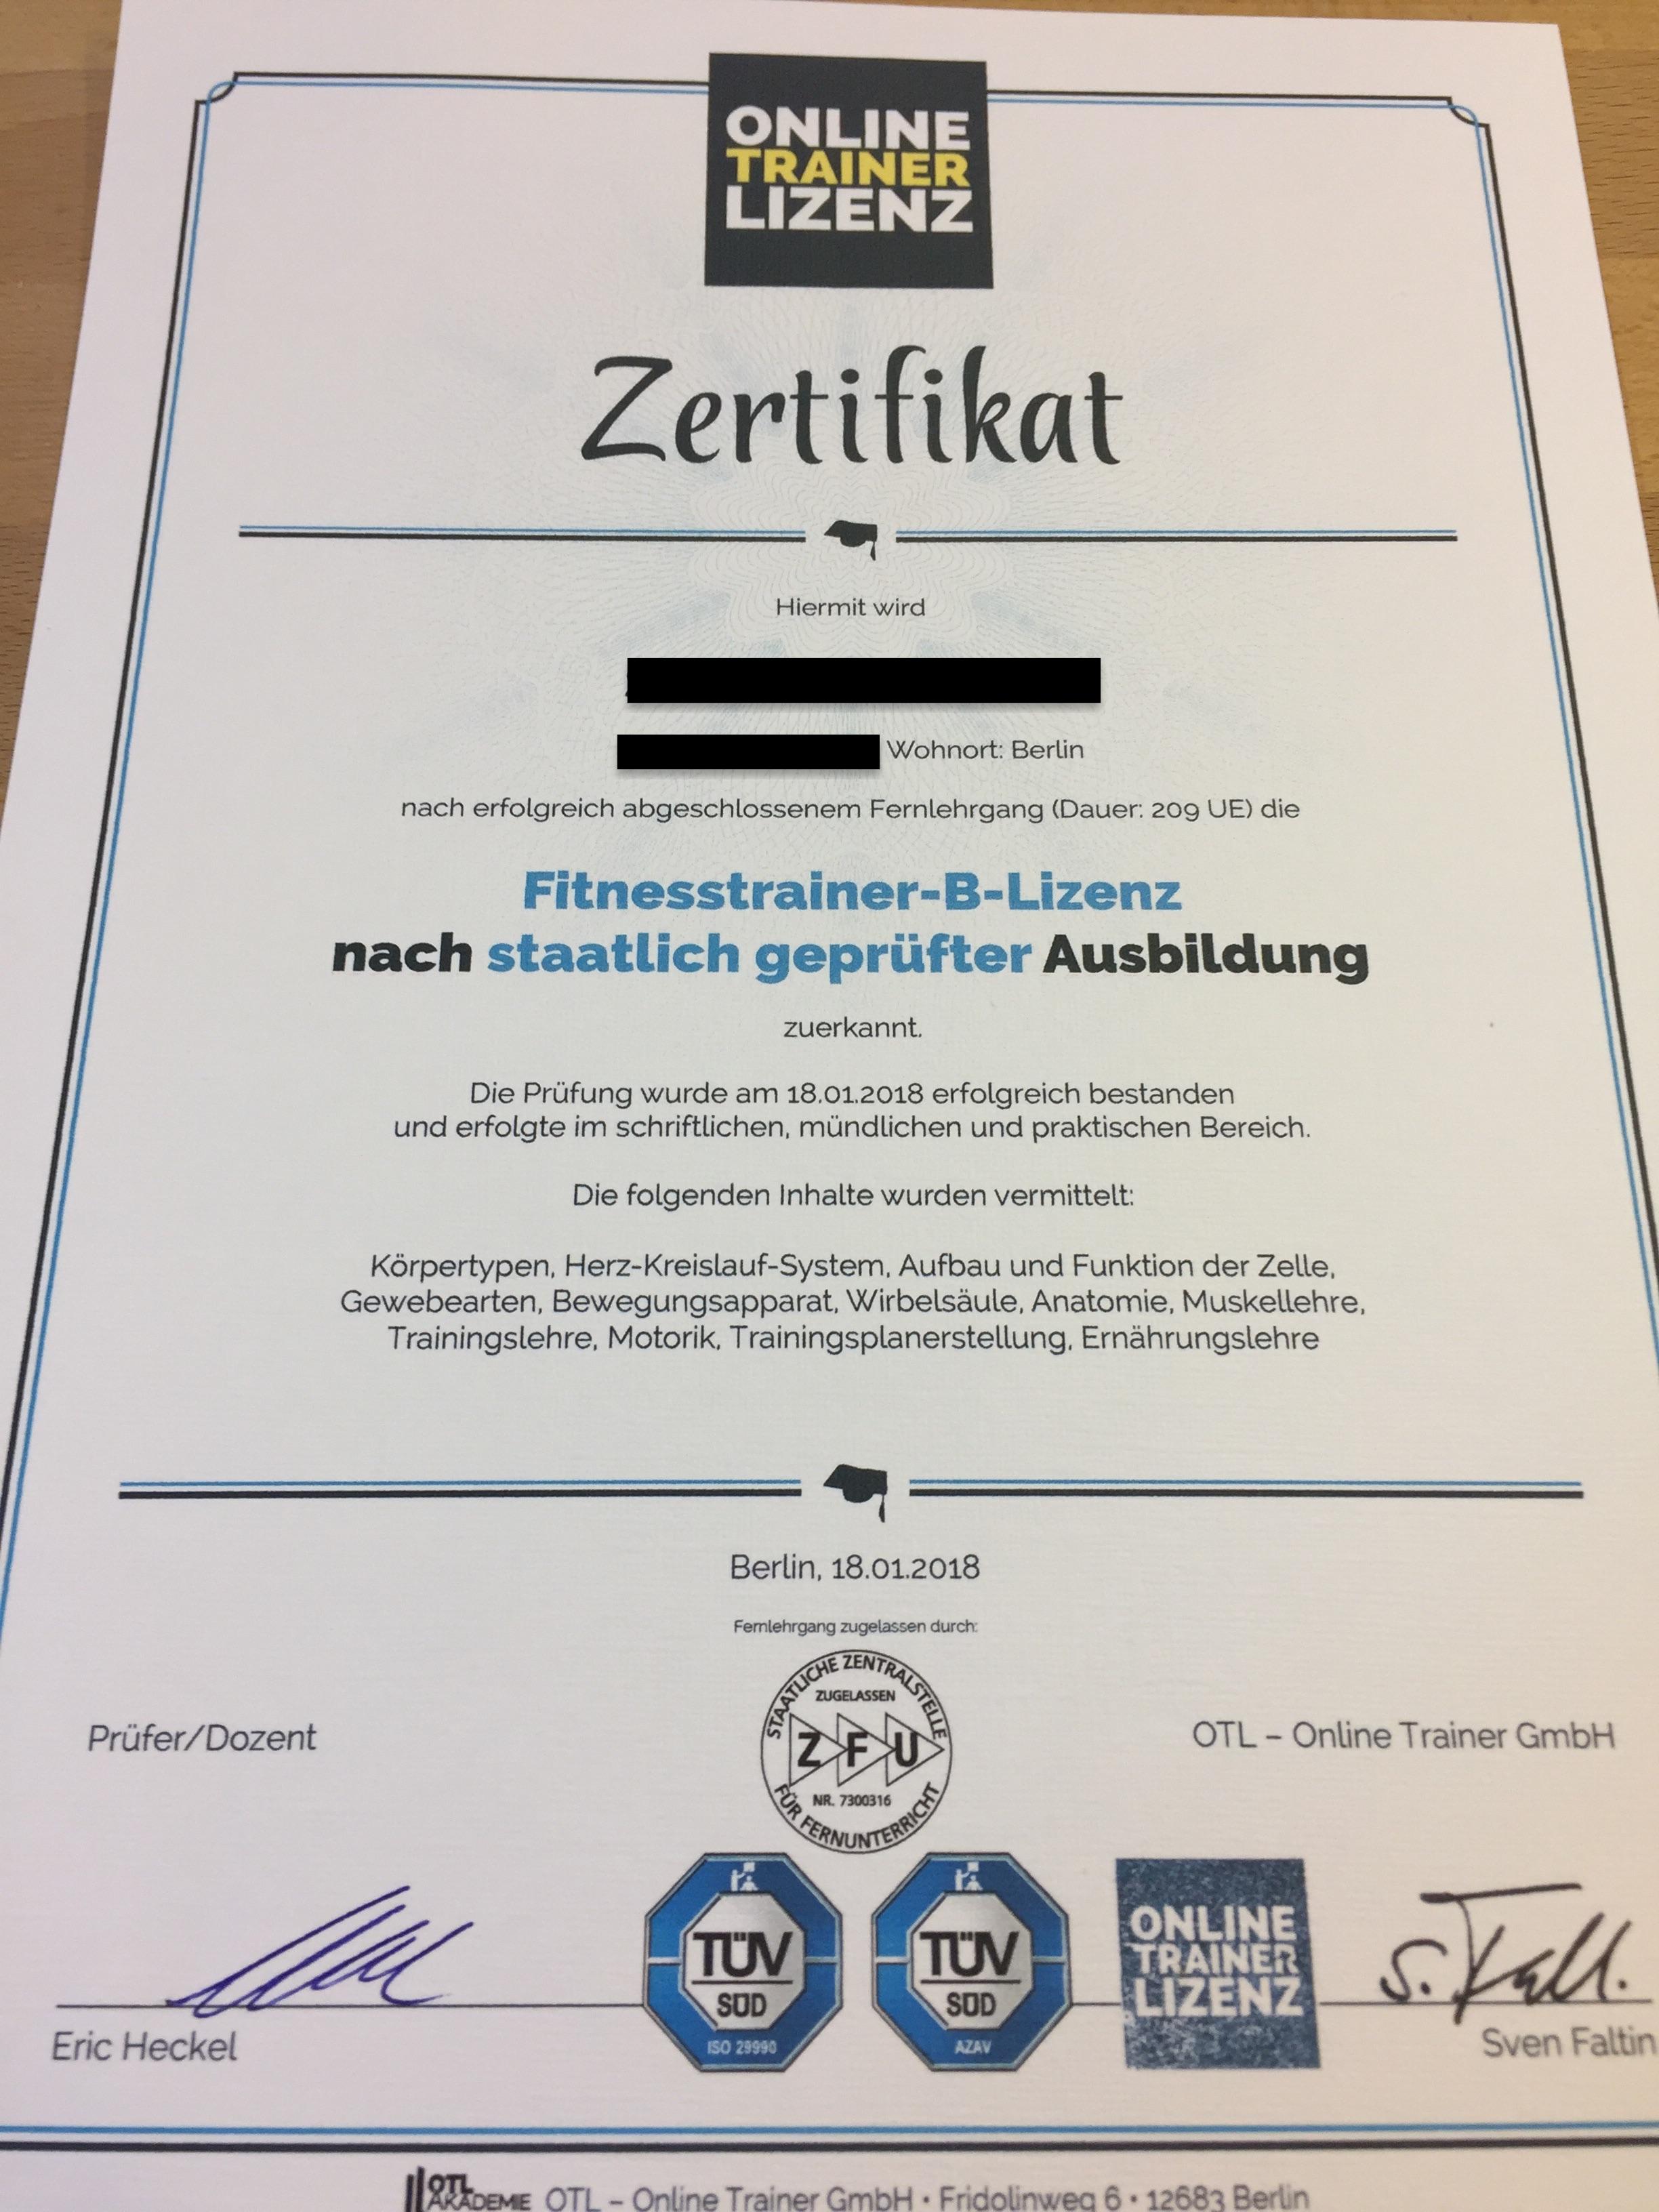 Online Trainer Lizenz Zertifikat